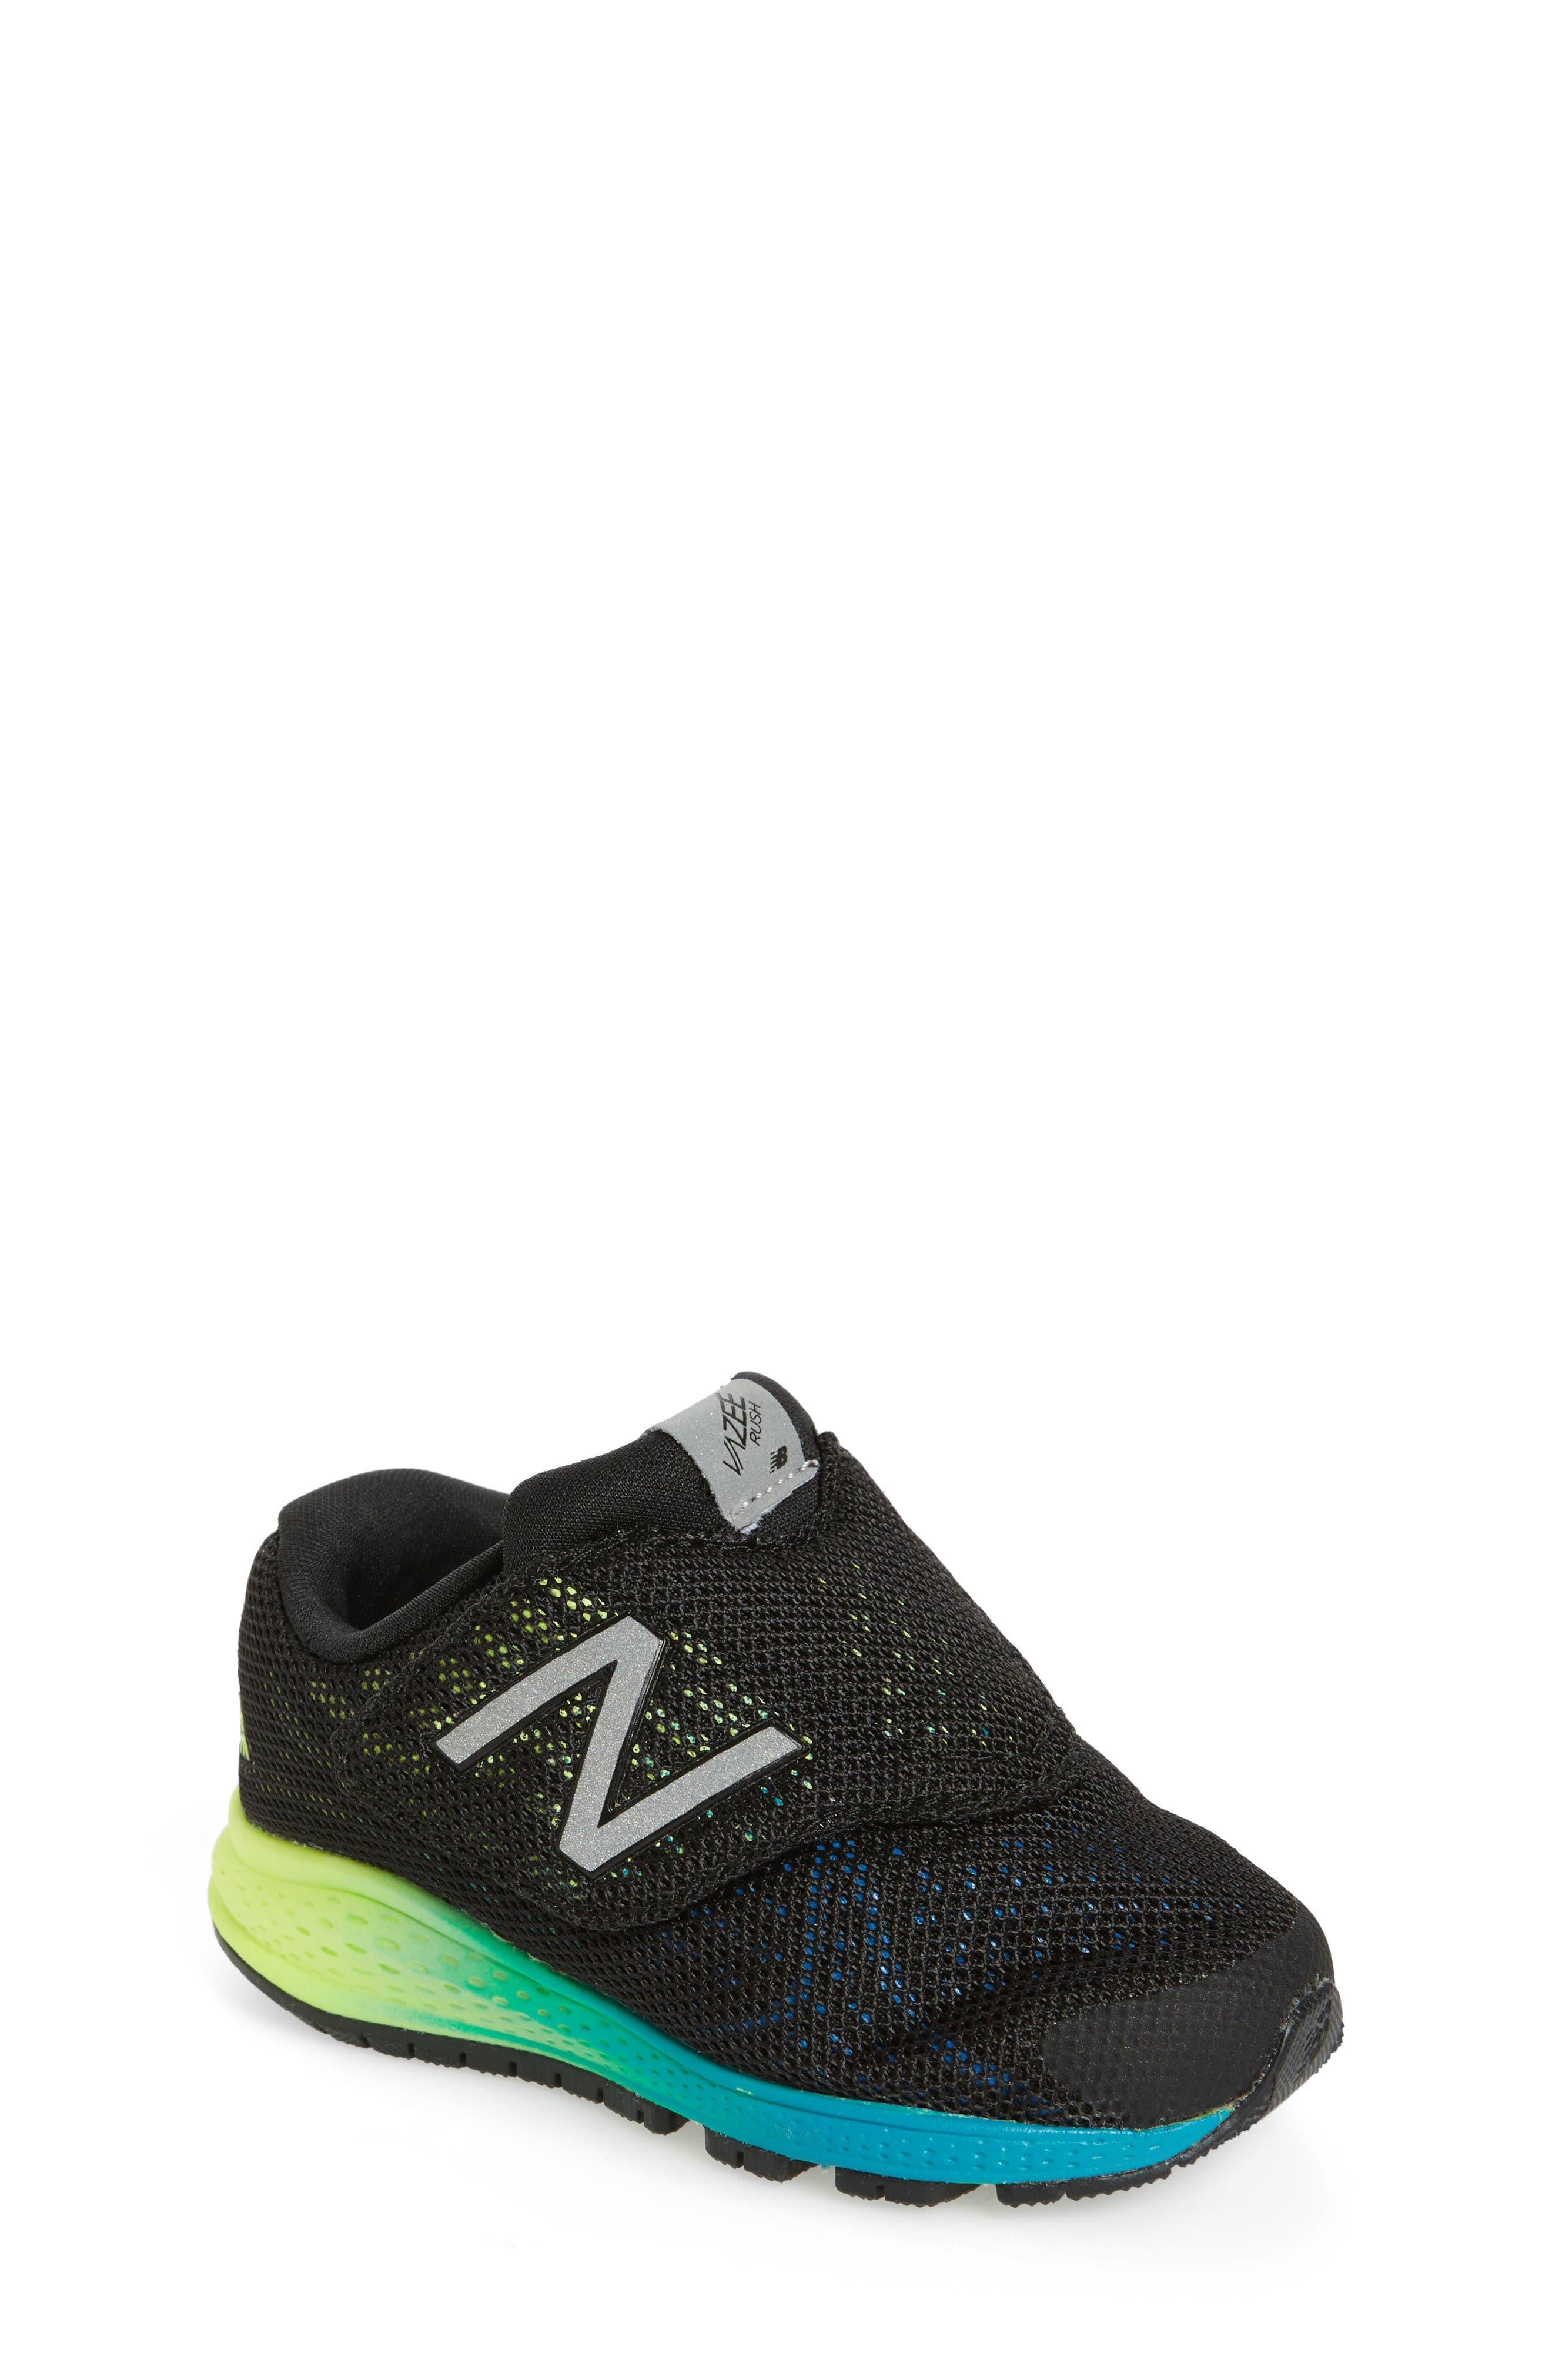 New Balance Vazee Rush Sneaker (Baby, Walker, Toddler & Little Kid)